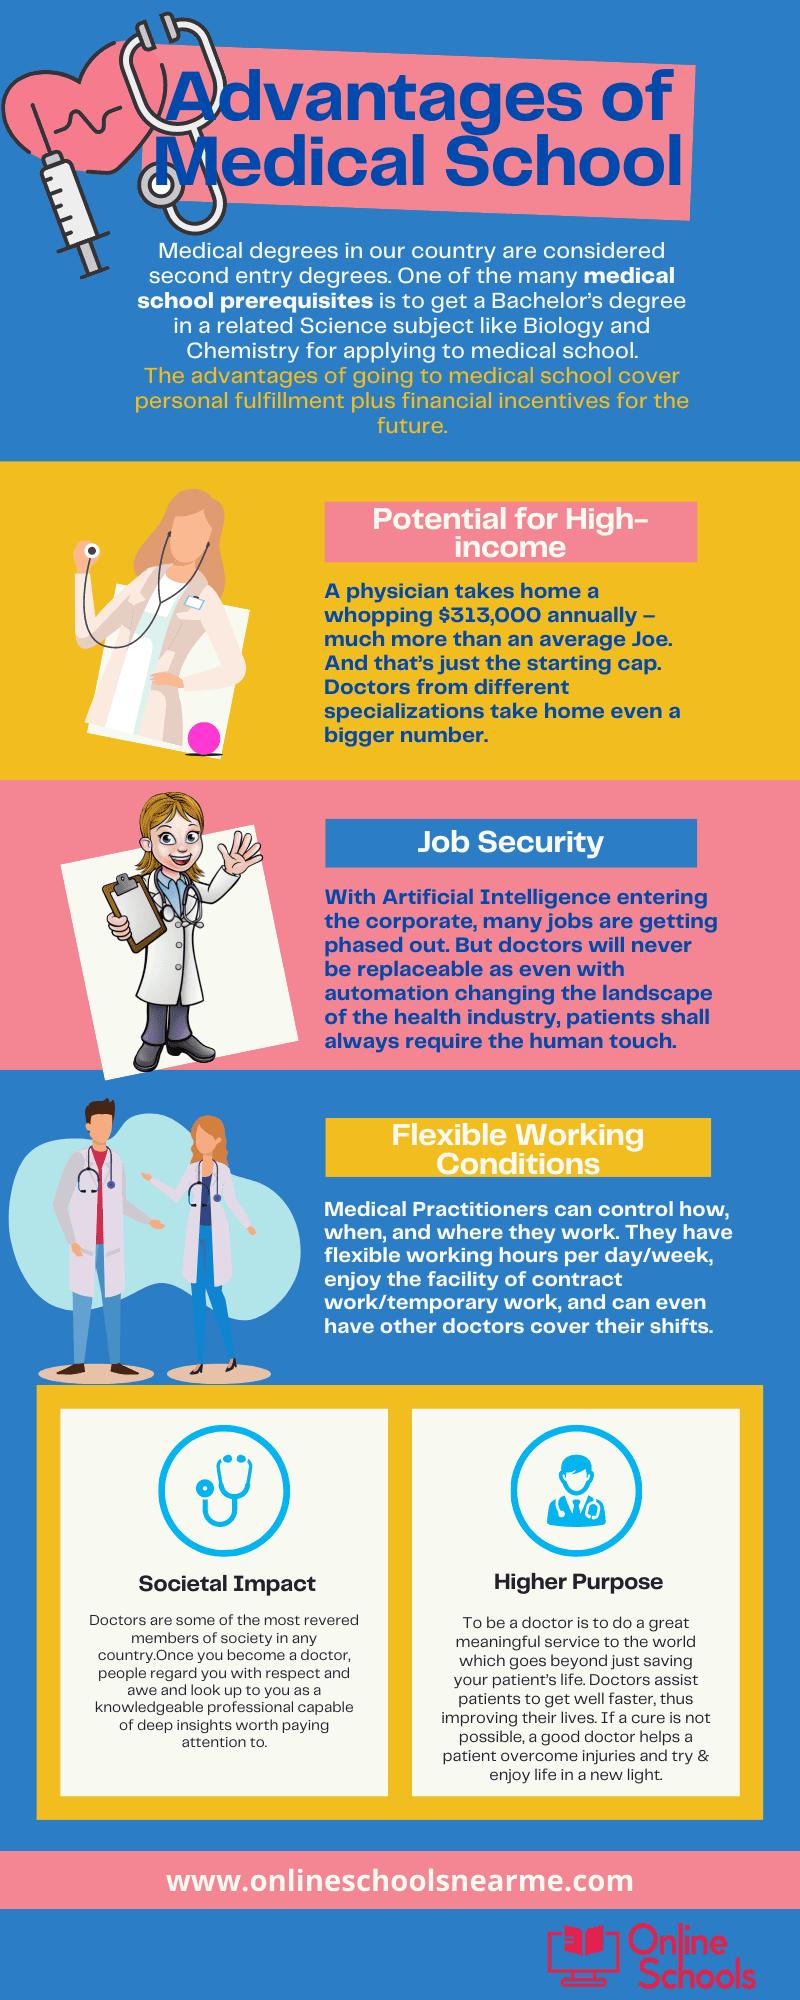 Advantages of Medical School